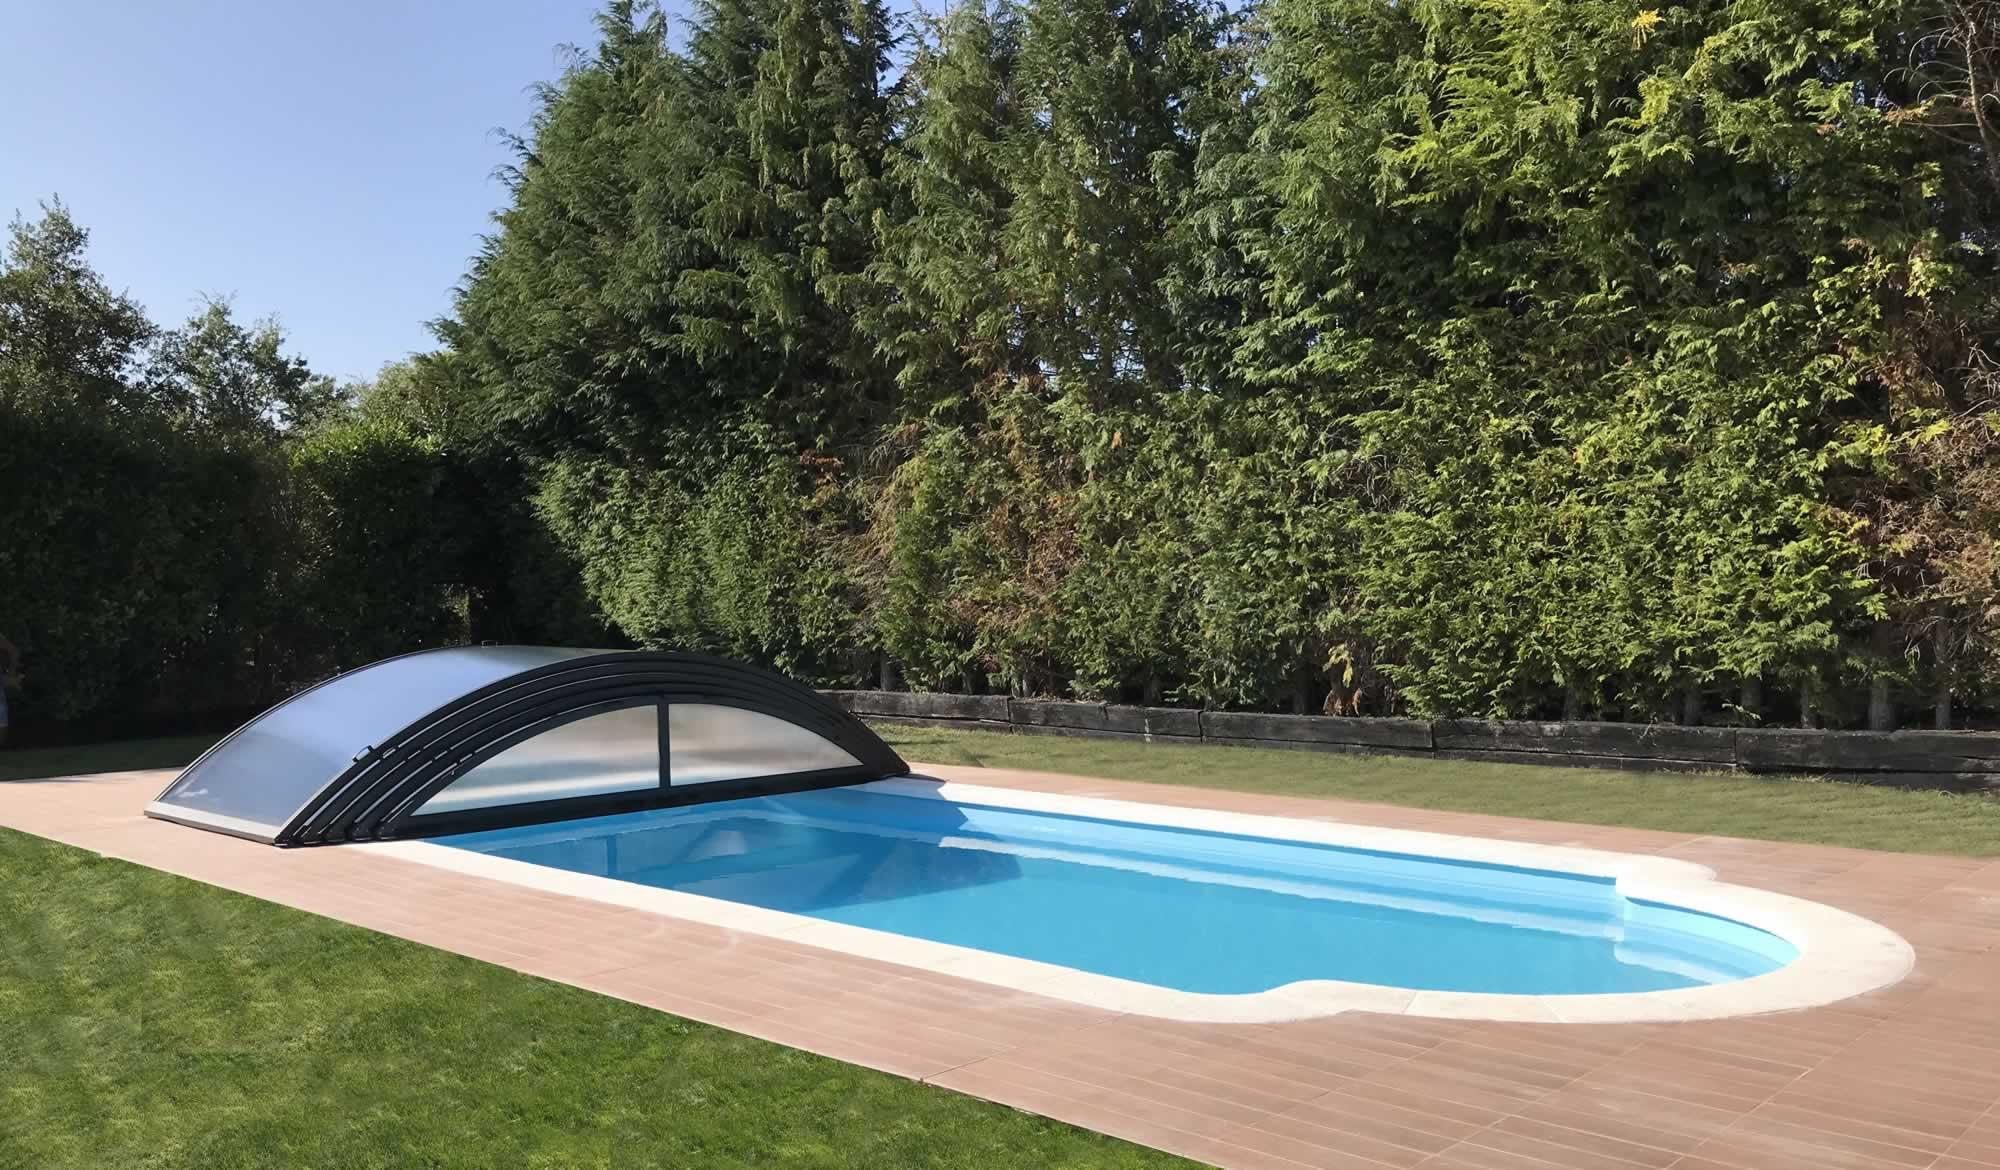 Cubierta Teide: Cubierta para piscina baja y telescópica en Vitoria